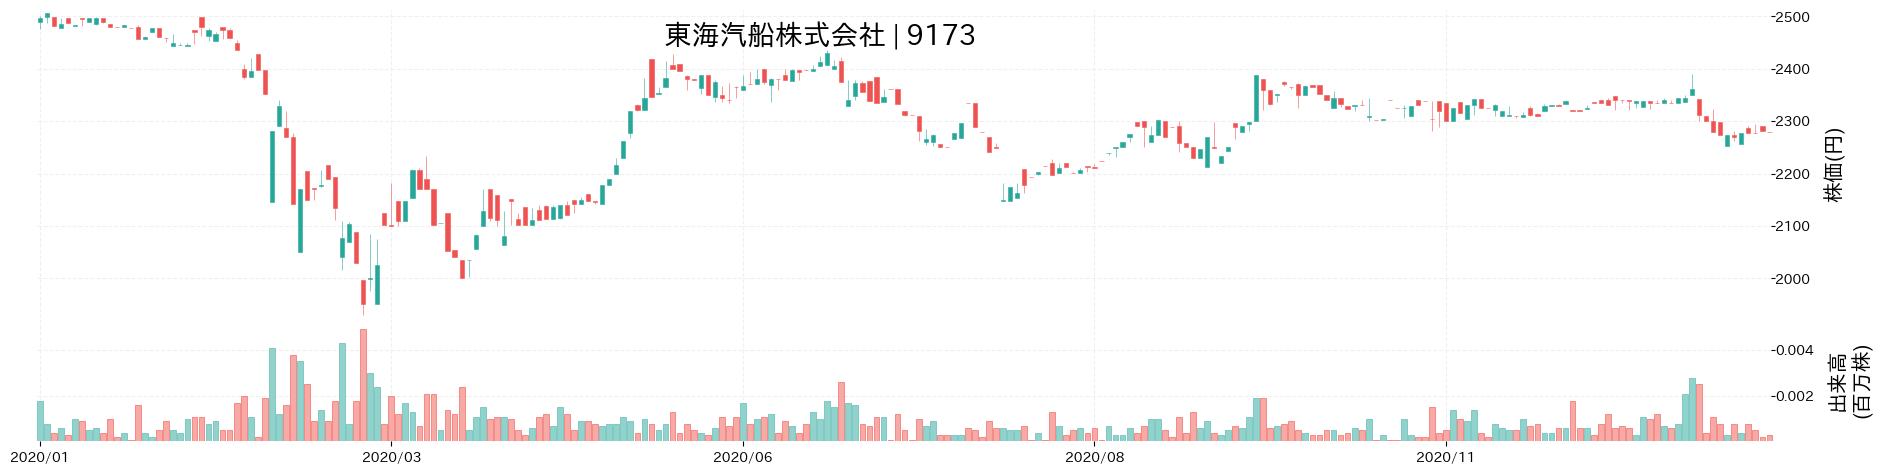 東海汽船株式会社の株価推移(2020)